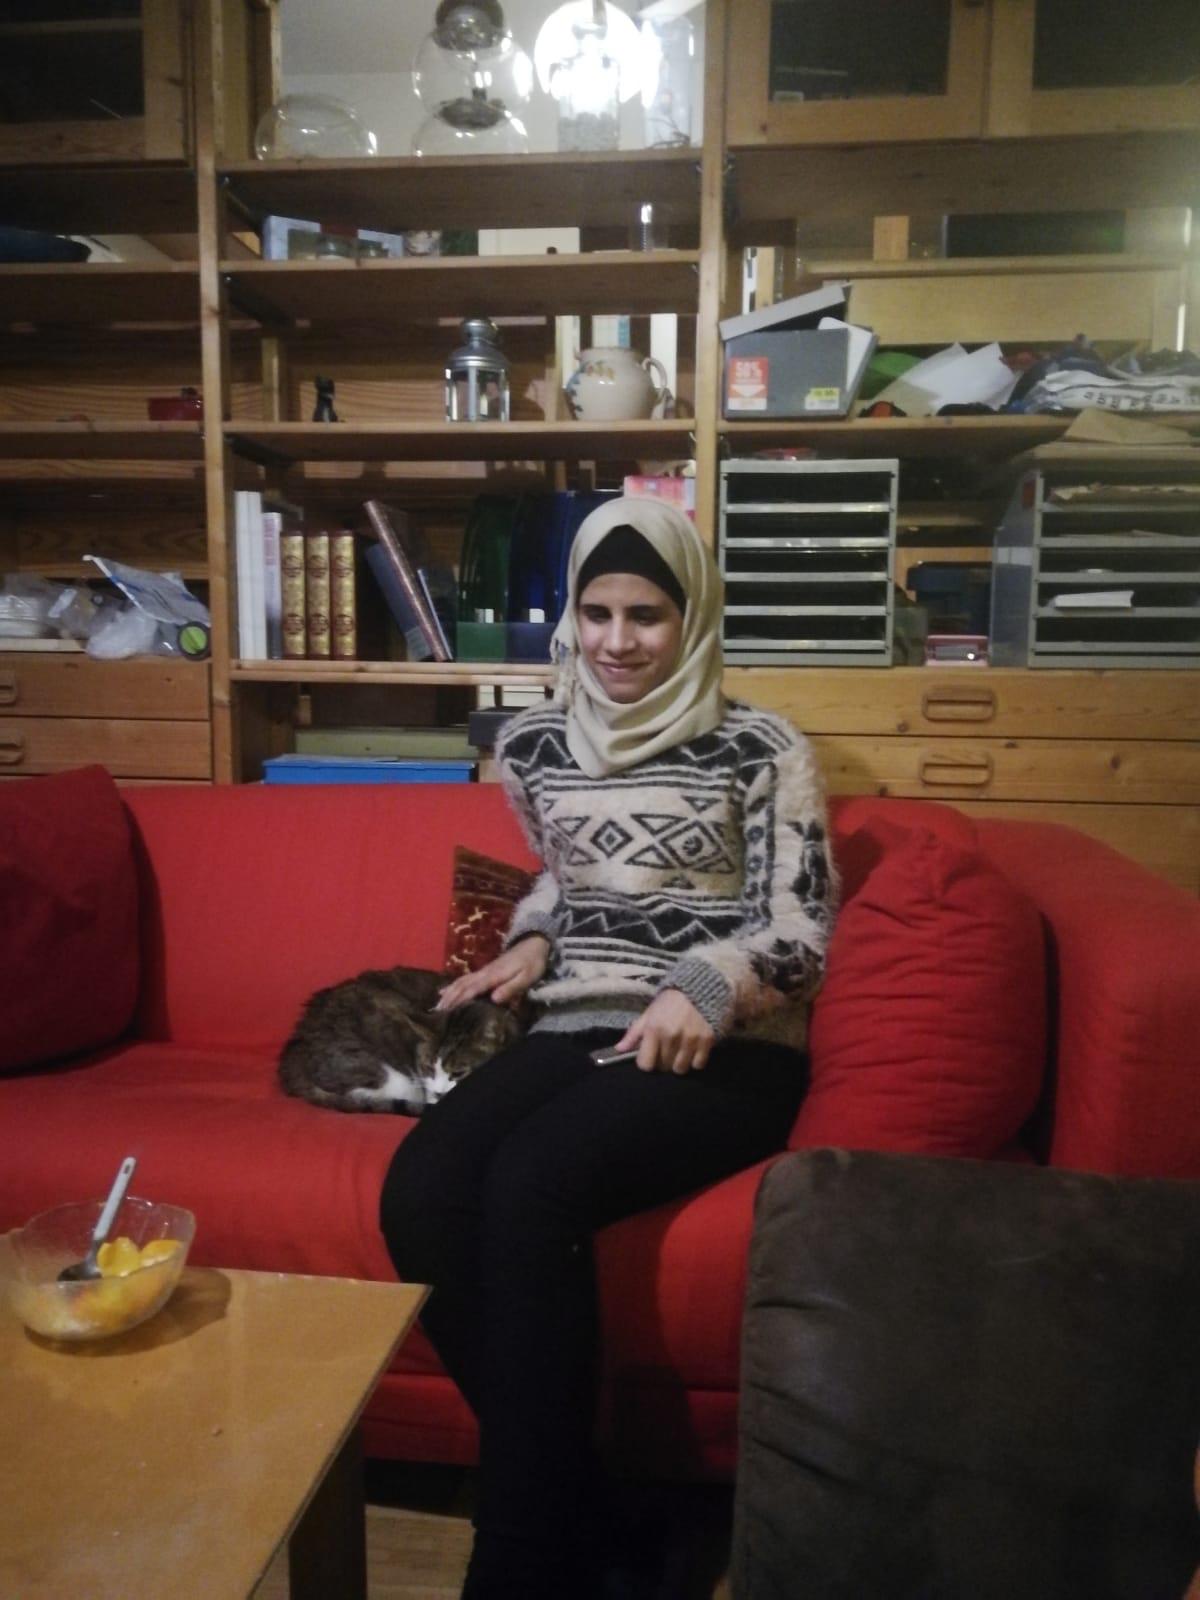 Amal sitzt auf einer roten Couch und streichelt mit der rechten Hand Katze Mignones kopf